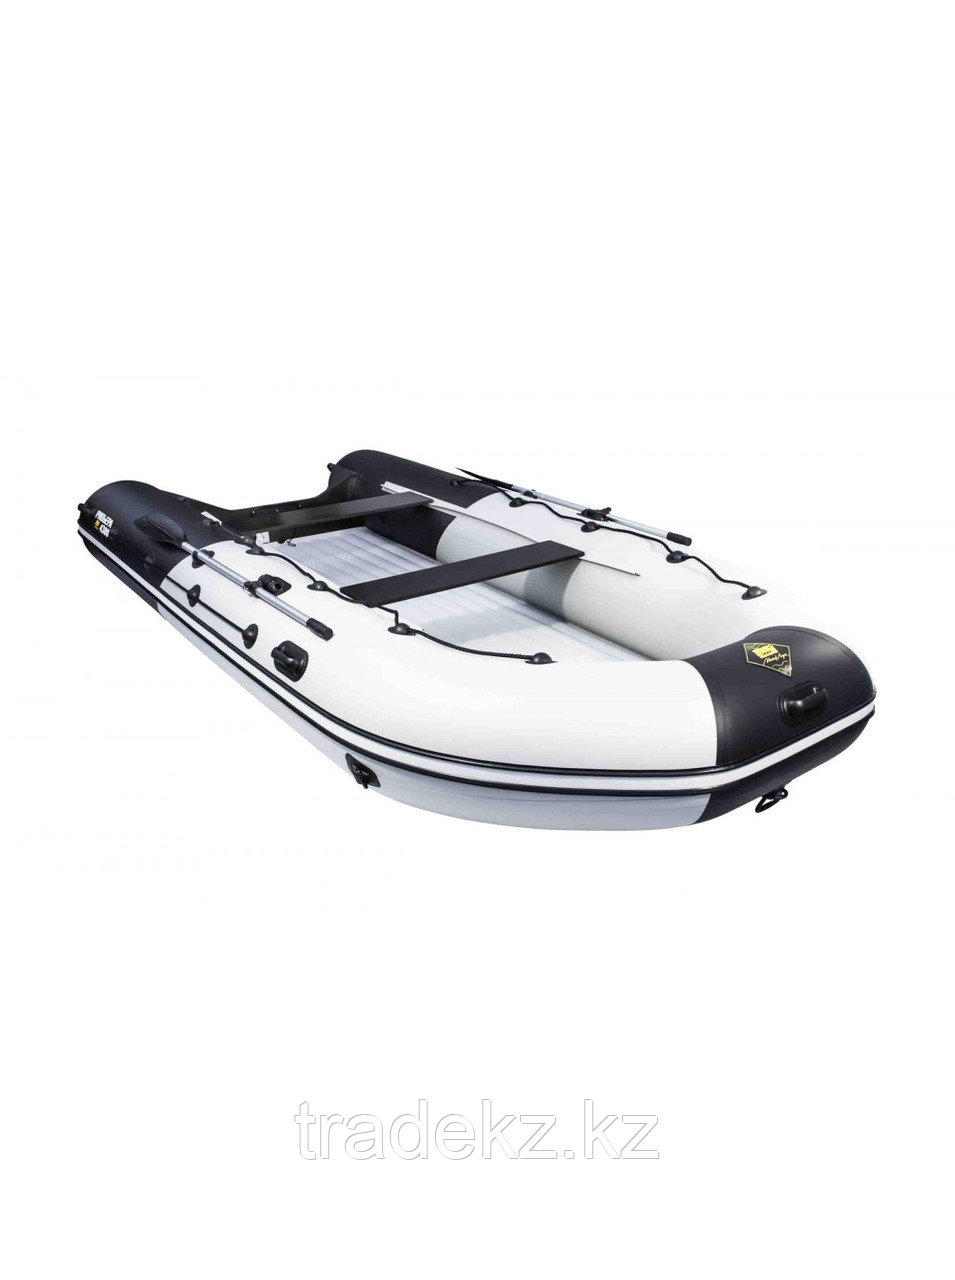 Лодка ПВХ Ривьера 4300 Килевое НД комби светло-серый/черный